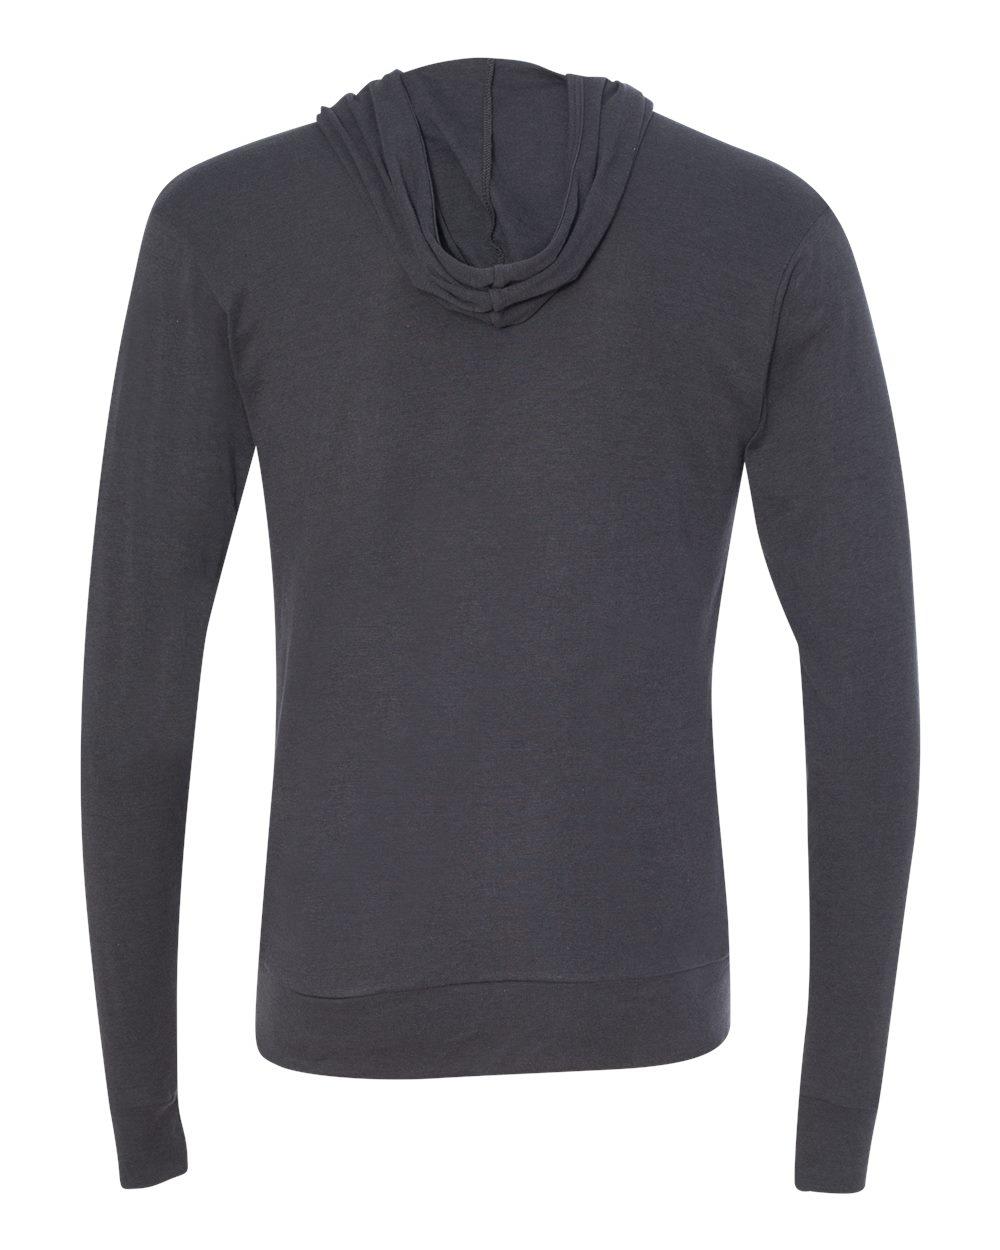 Bella-Canvas-Unisex-Triblend-Lightweight-Hooded-Full-Zip-T-Shirt-3939-upto-2XL thumbnail 31